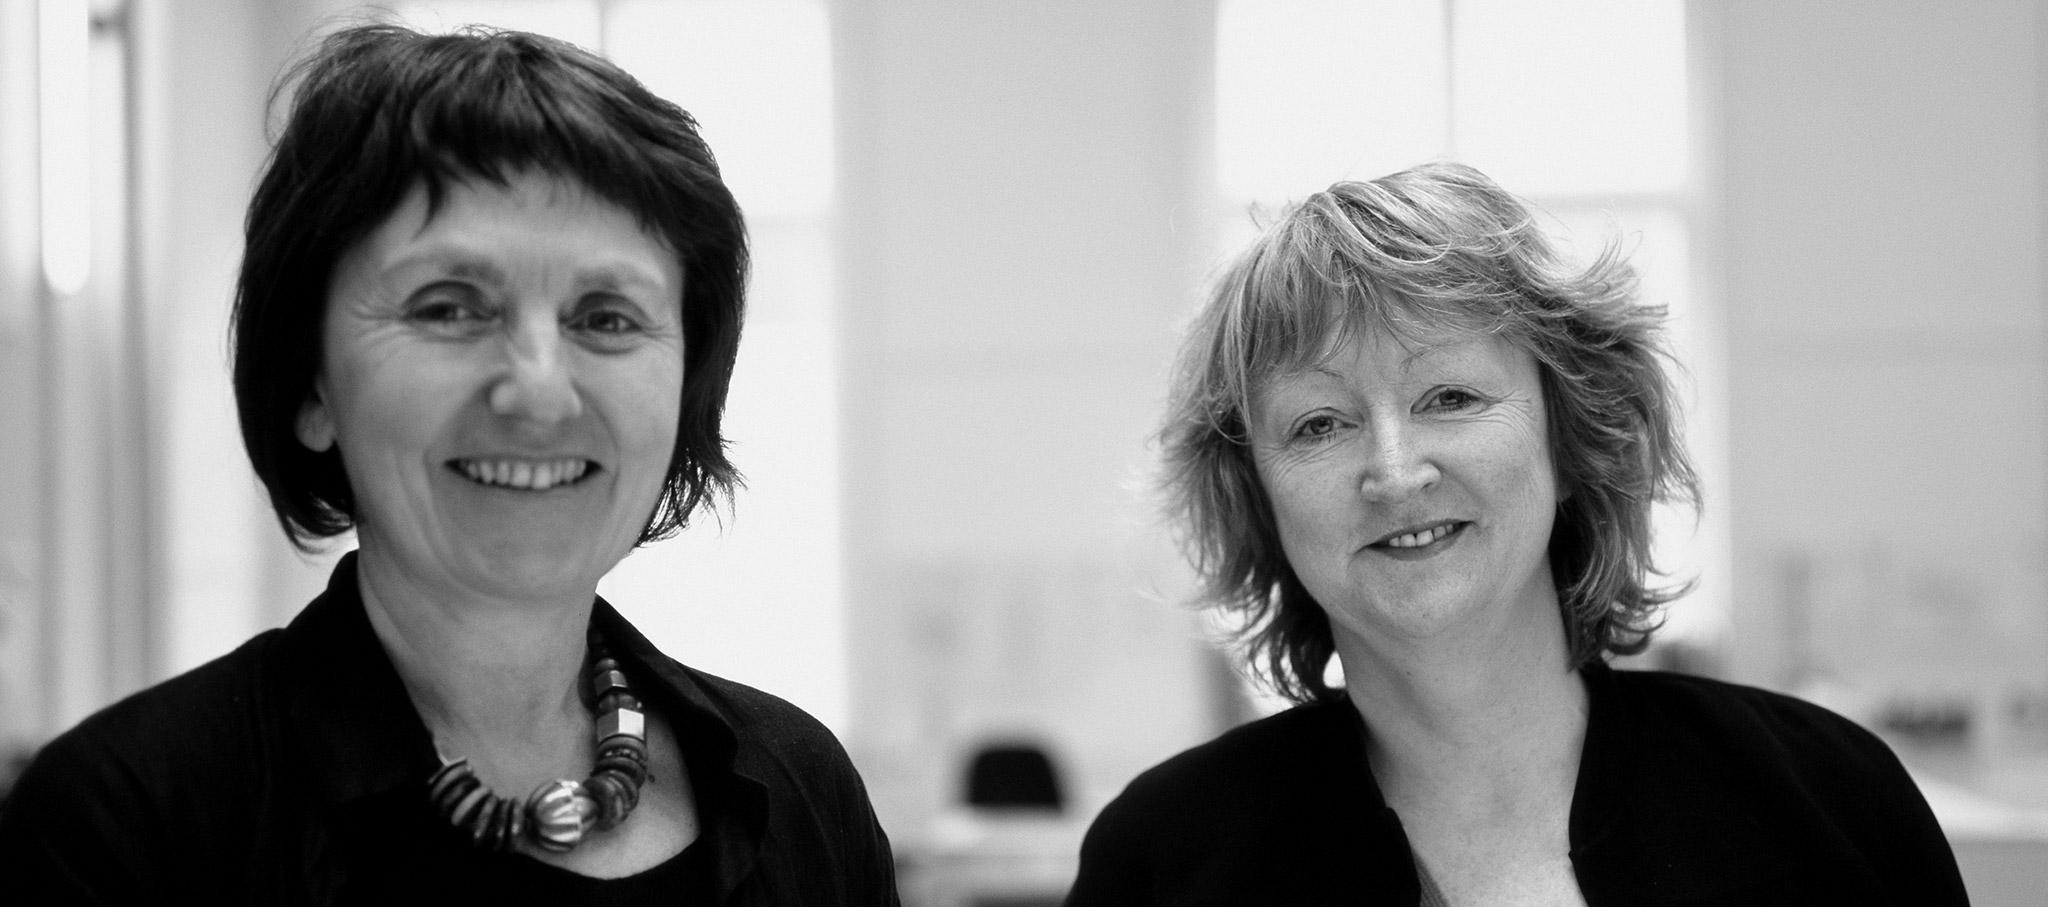 Yvonne Farrell y Shelley McNamara. Imagen cortesía de La Biennale di Venezia